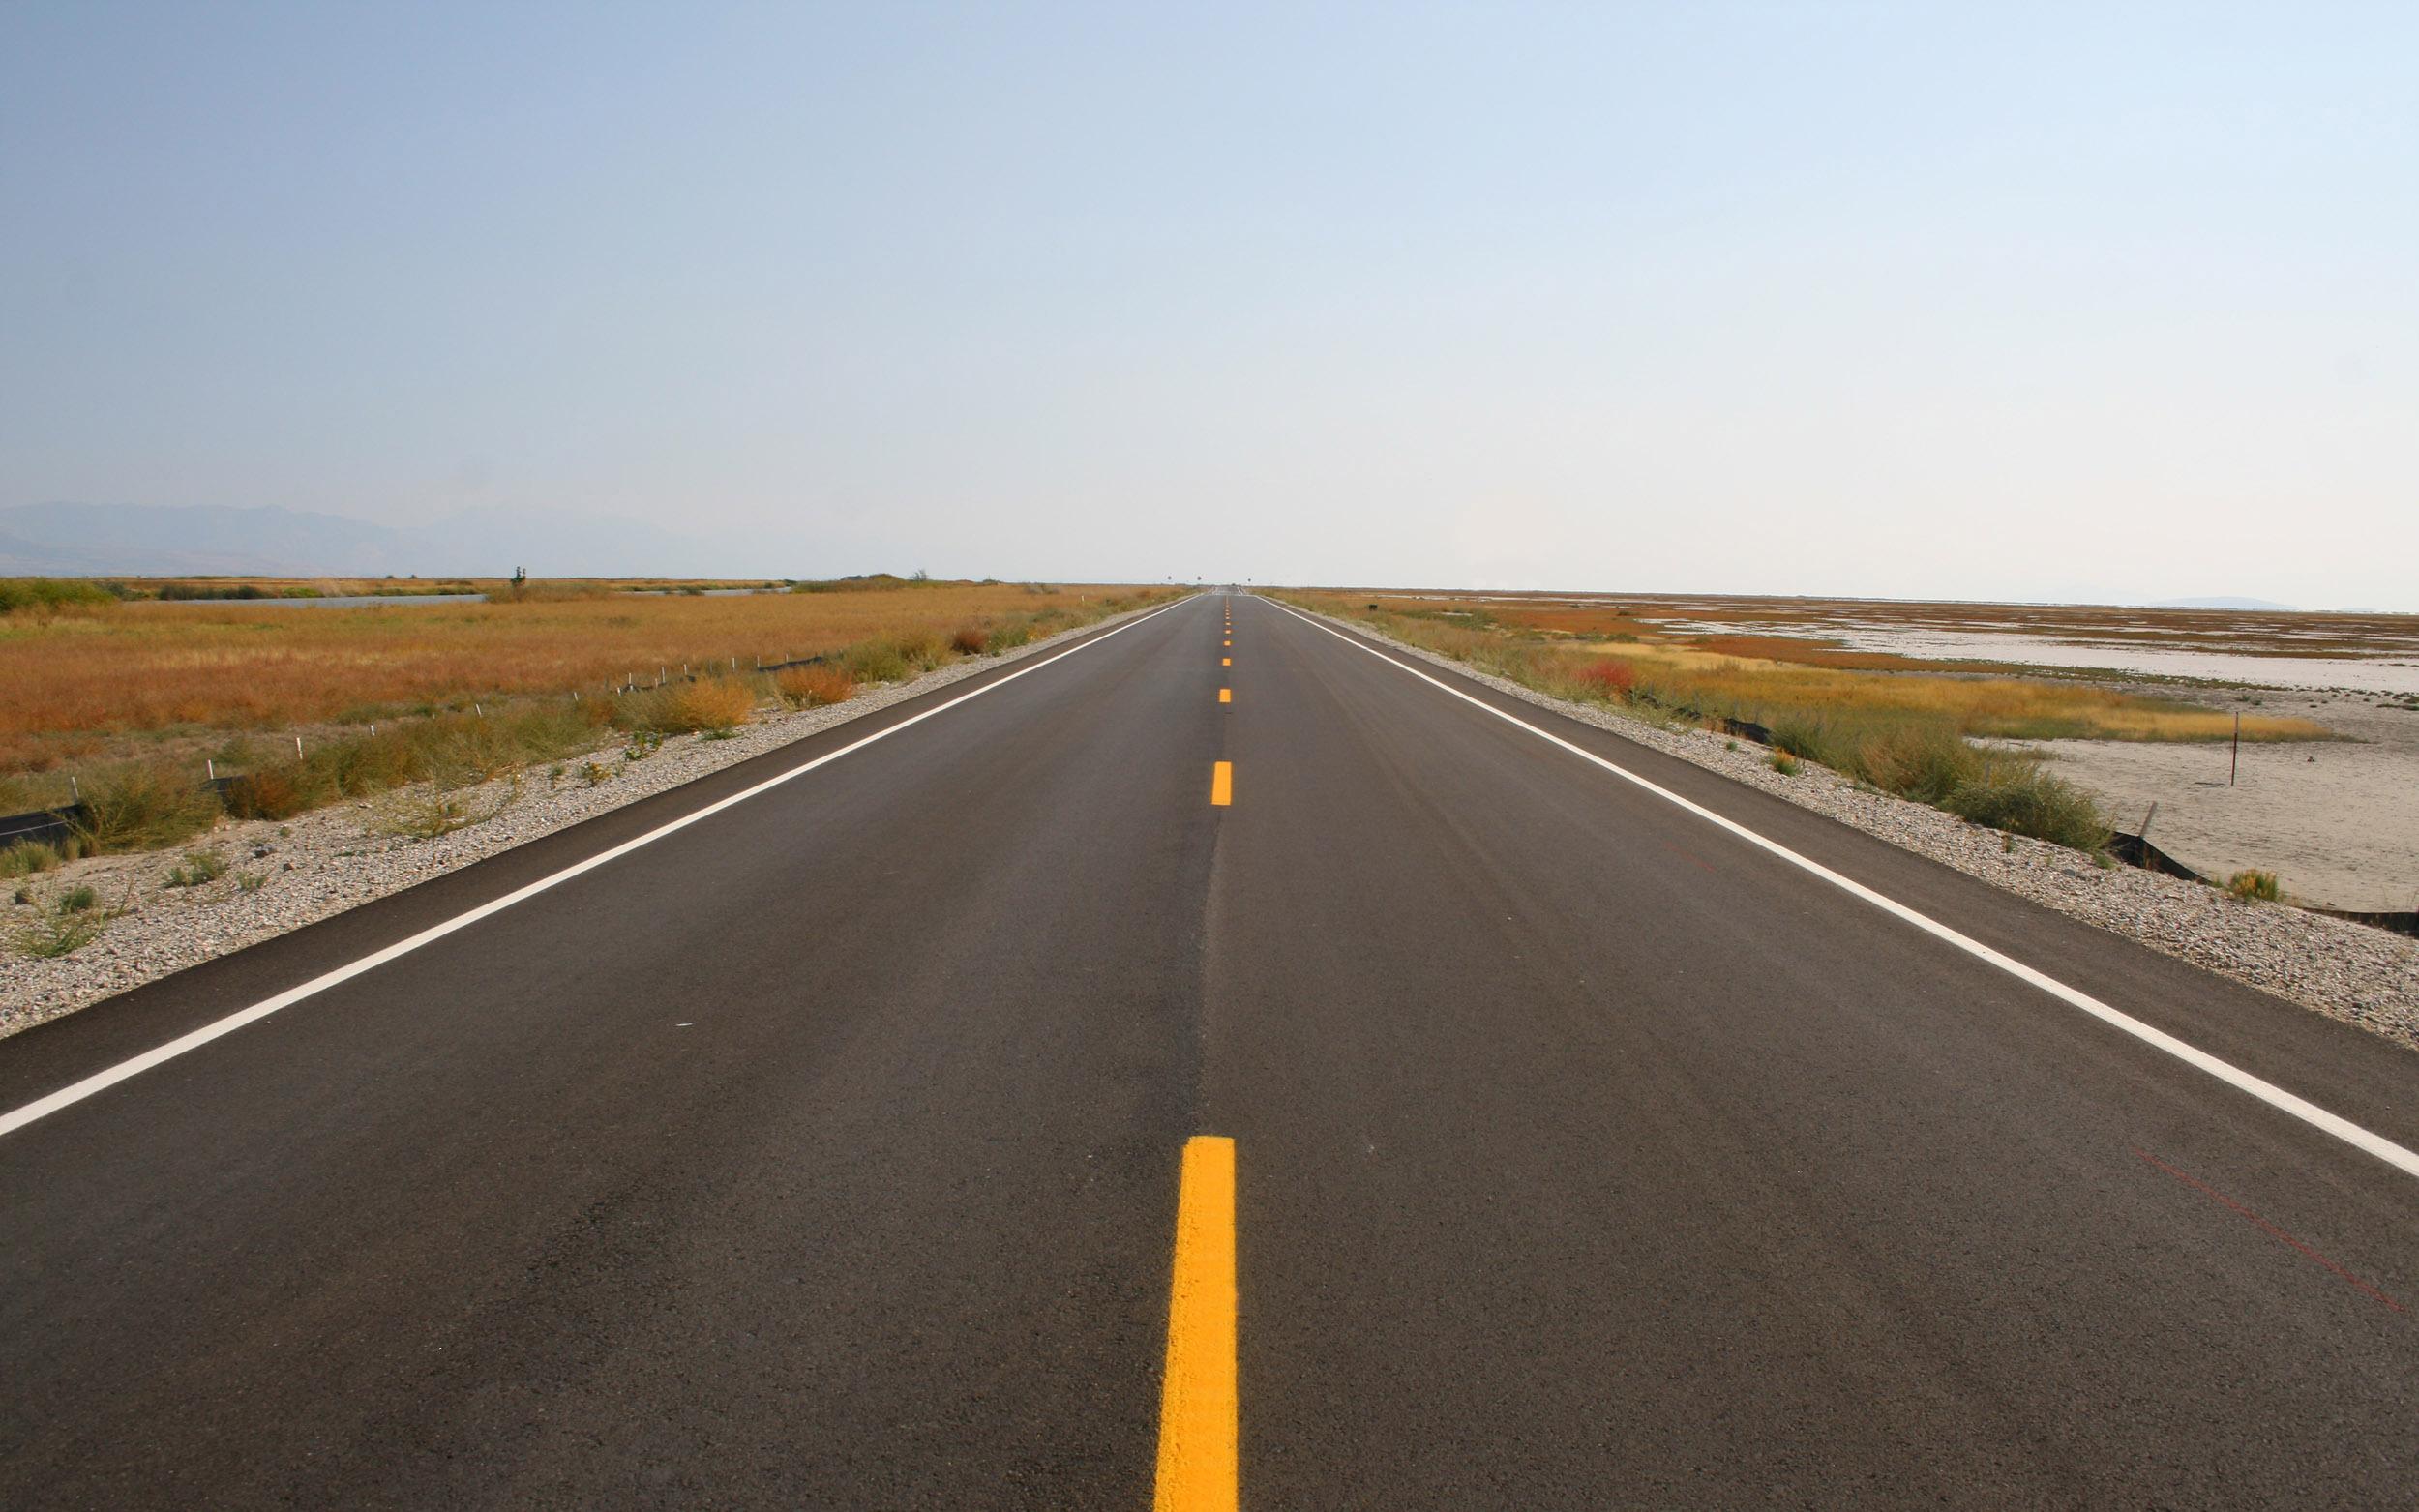 прямая дорога, асфальт, шоссе, скачать фото, обои для рабочего стола